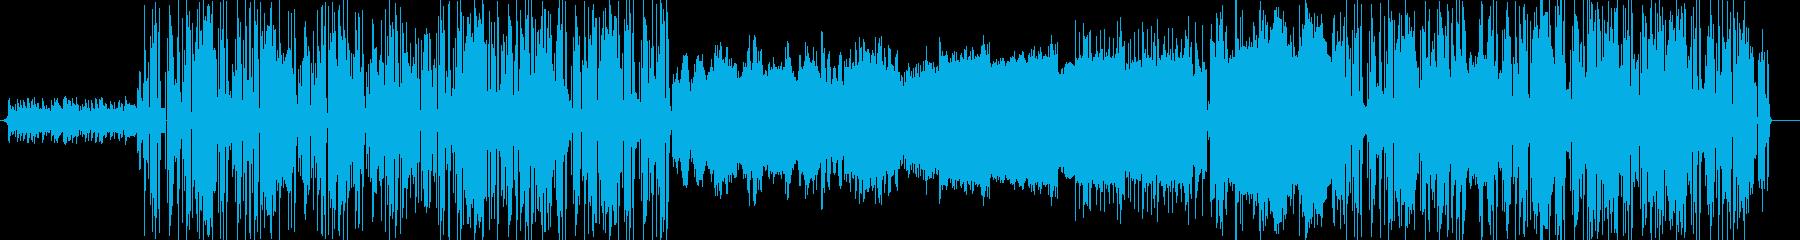 アナログシンセを活用したフュージョンの再生済みの波形